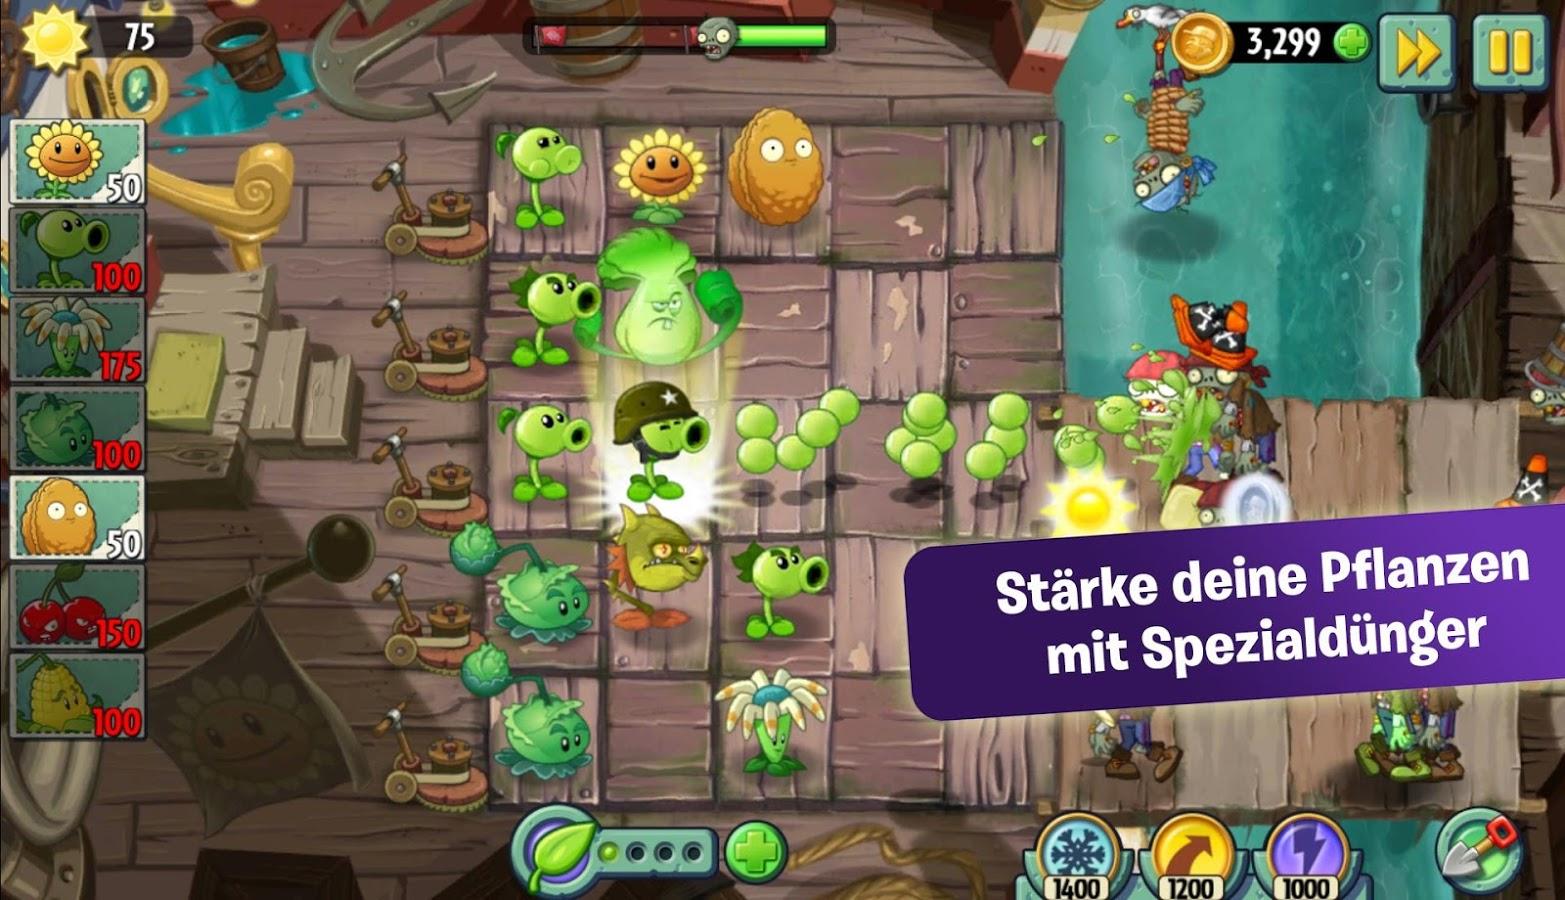 Zombie Spiele